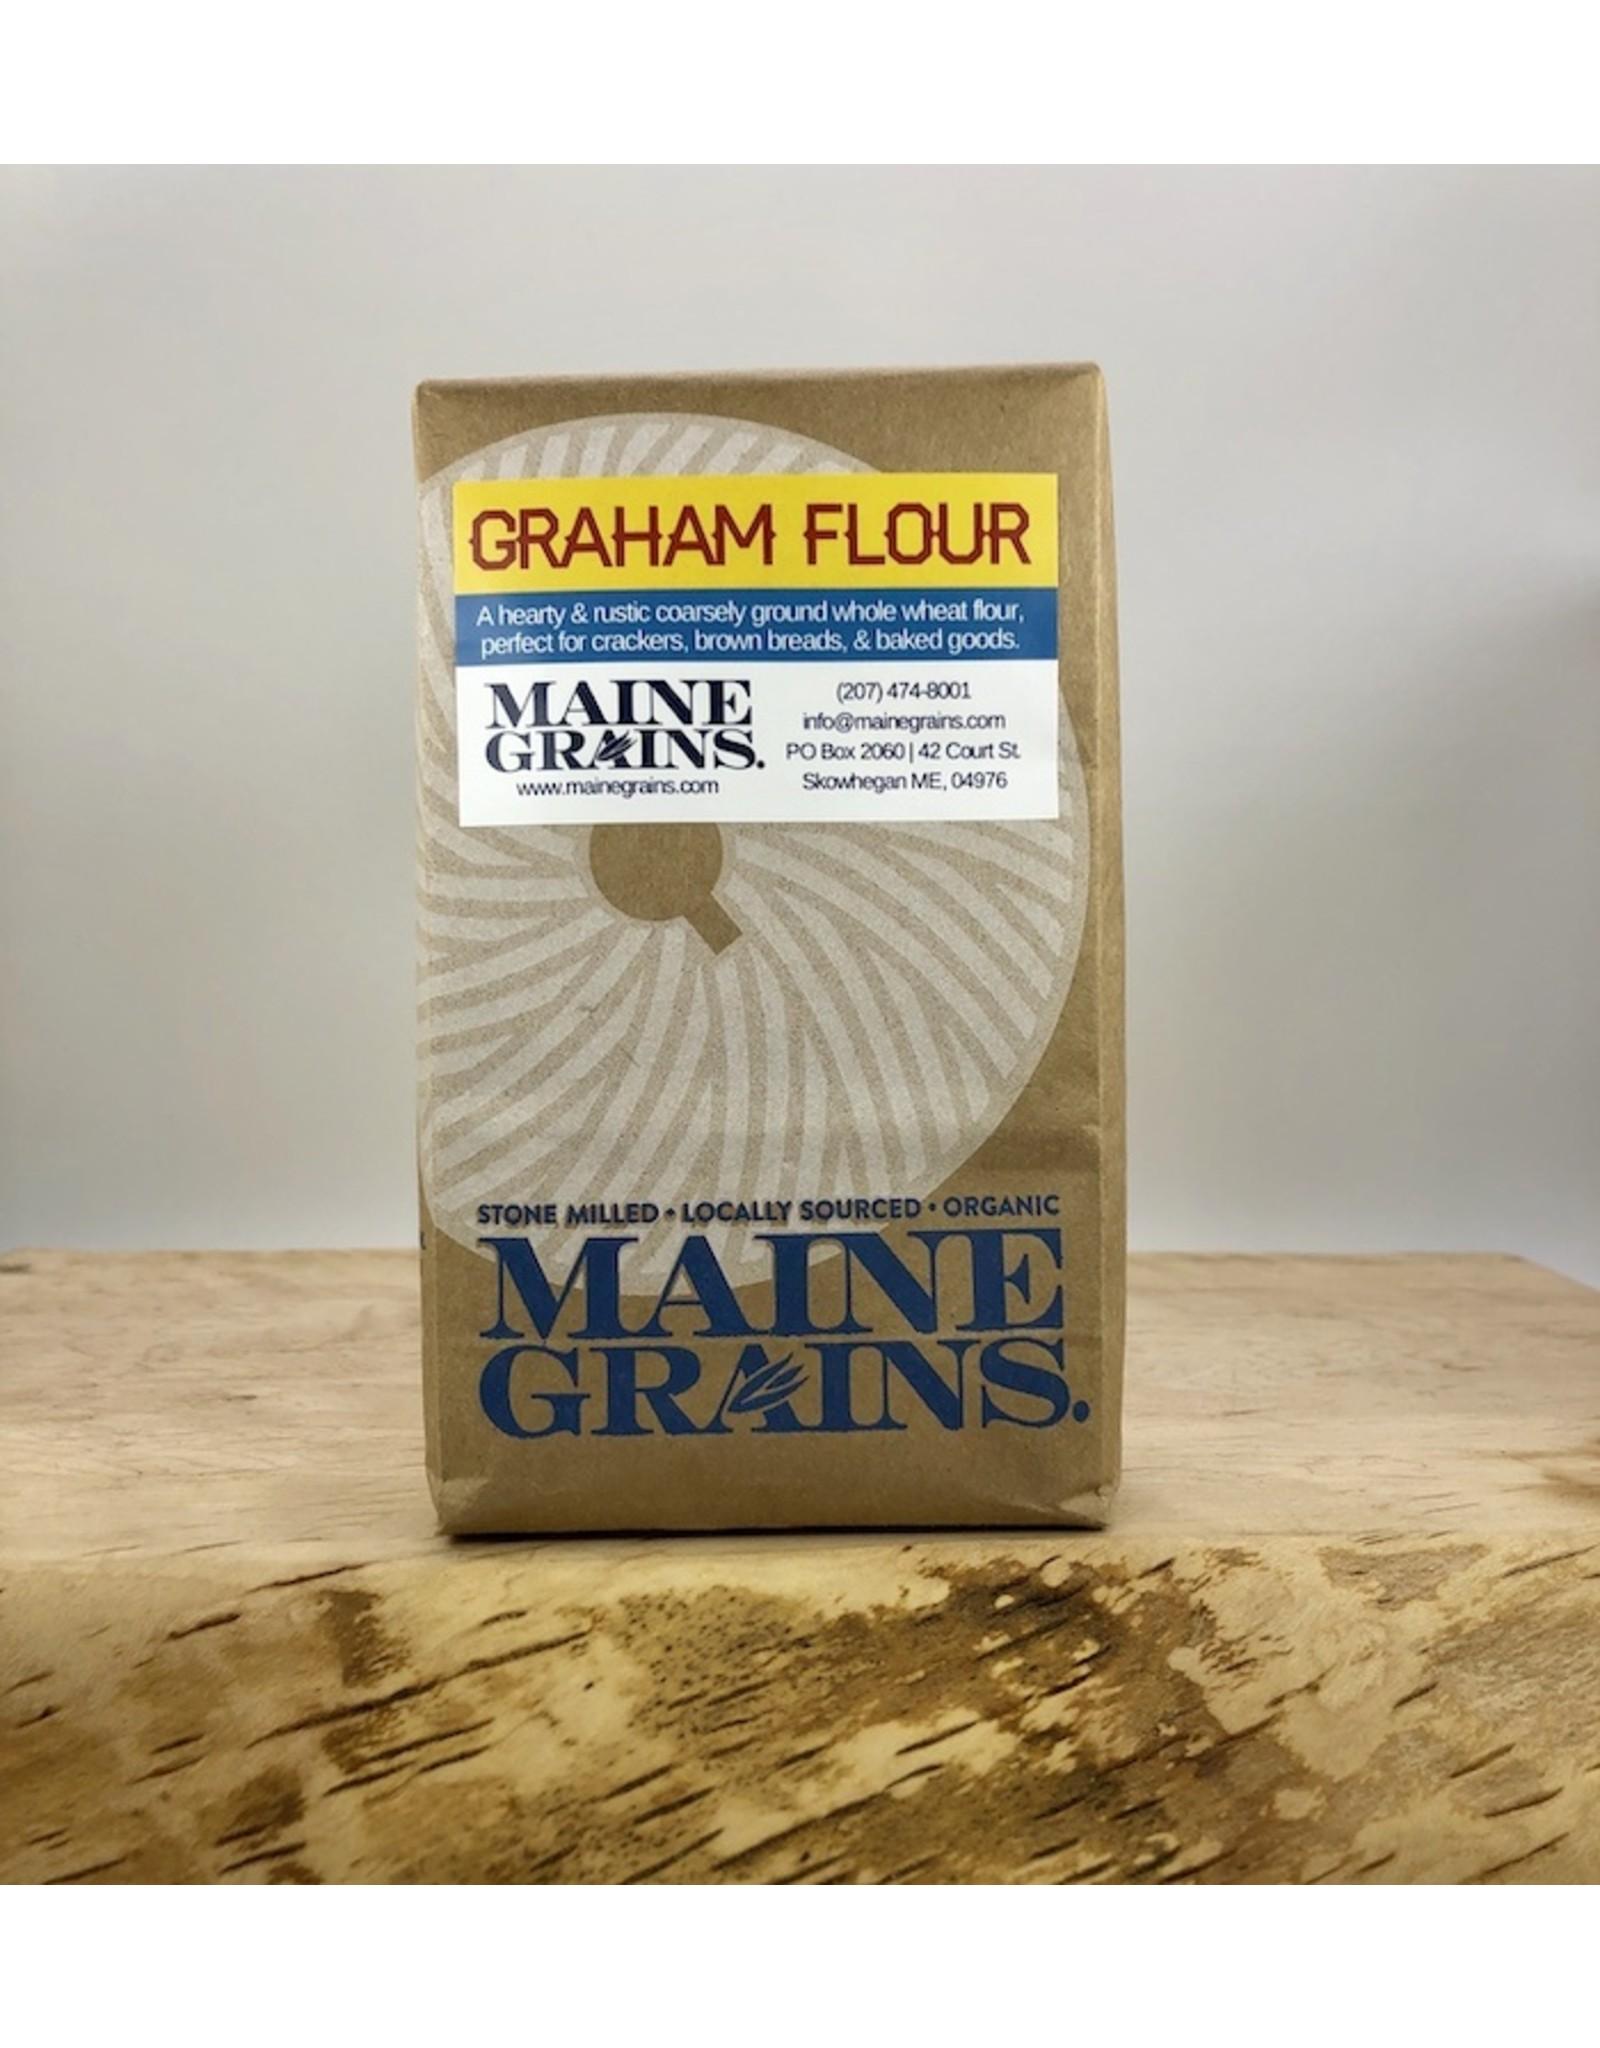 Maine Grains Maine Grains Organic Whole Wheat Graham Flour 2.4lbs